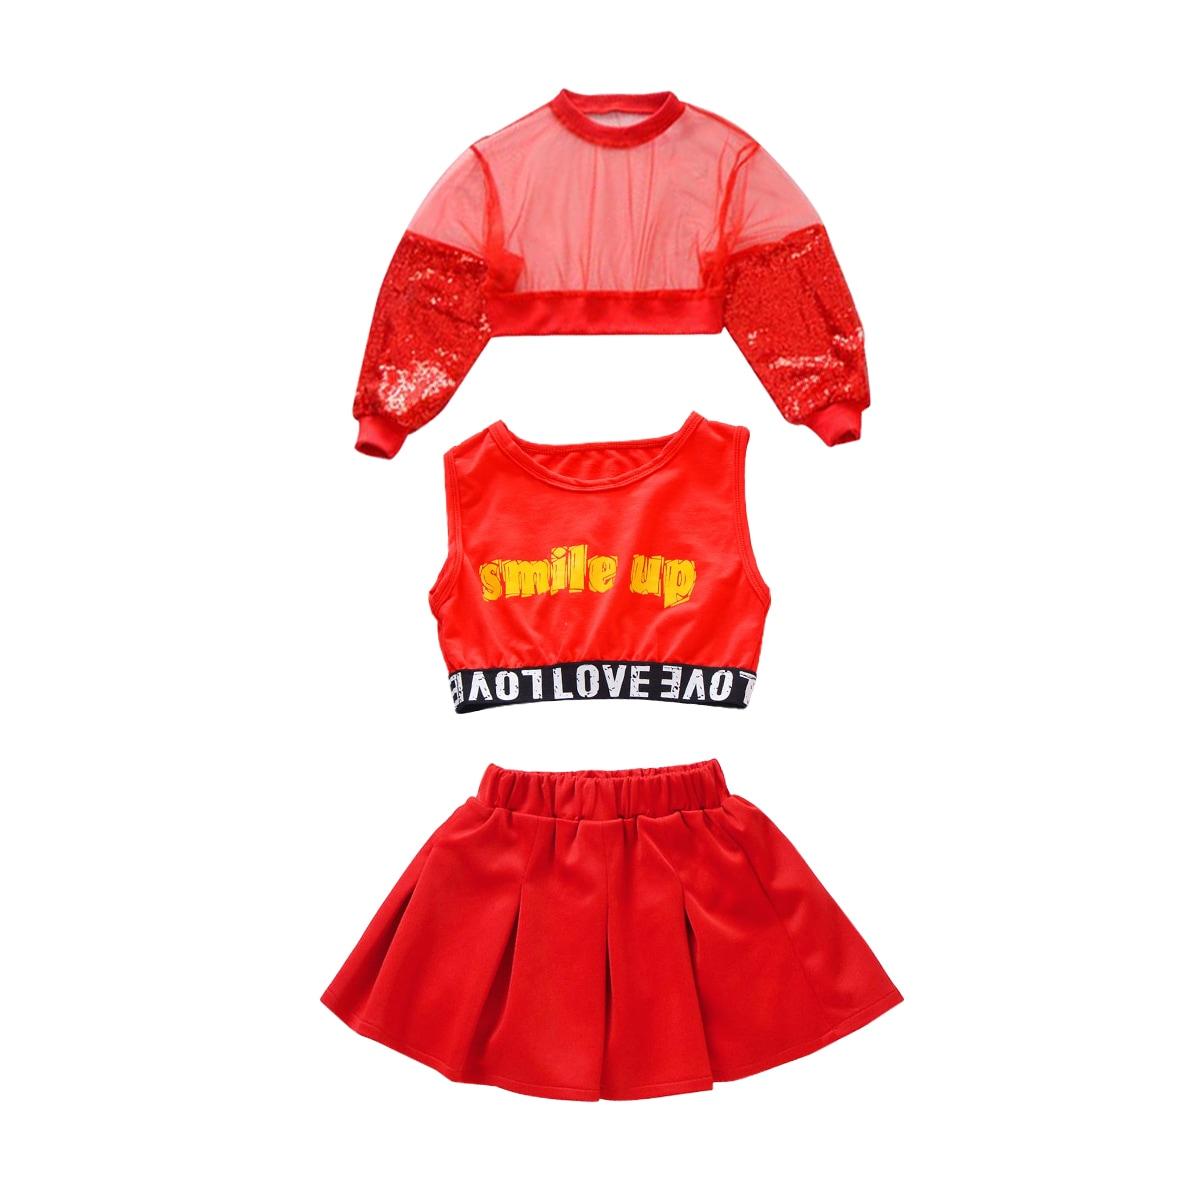 キッズダンス衣装 スパンコール 上下セット レッド  赤 セット内容